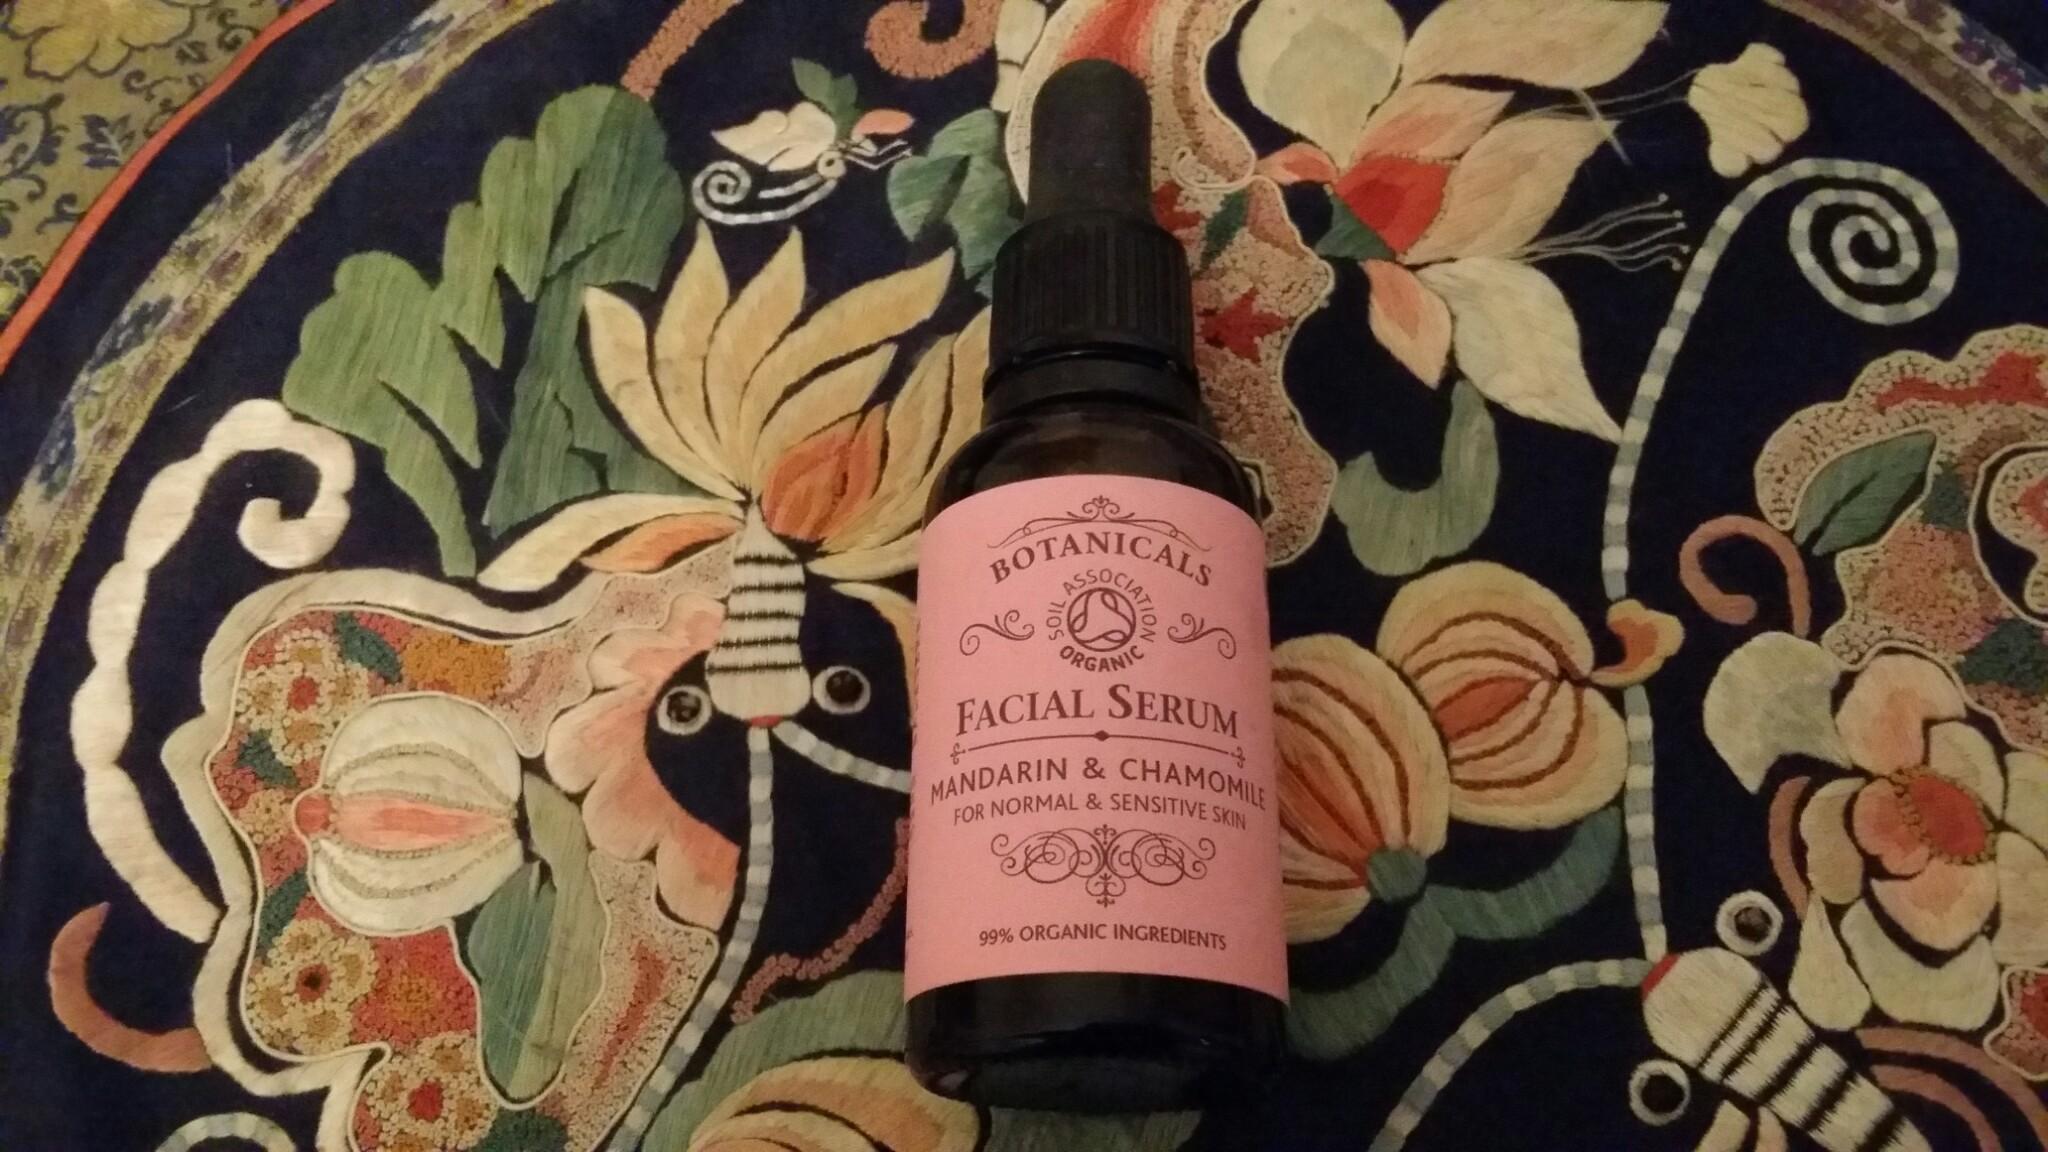 2015-biteable-beauty-natural-blog-organic-beauty-week-botanicals-facial-serum